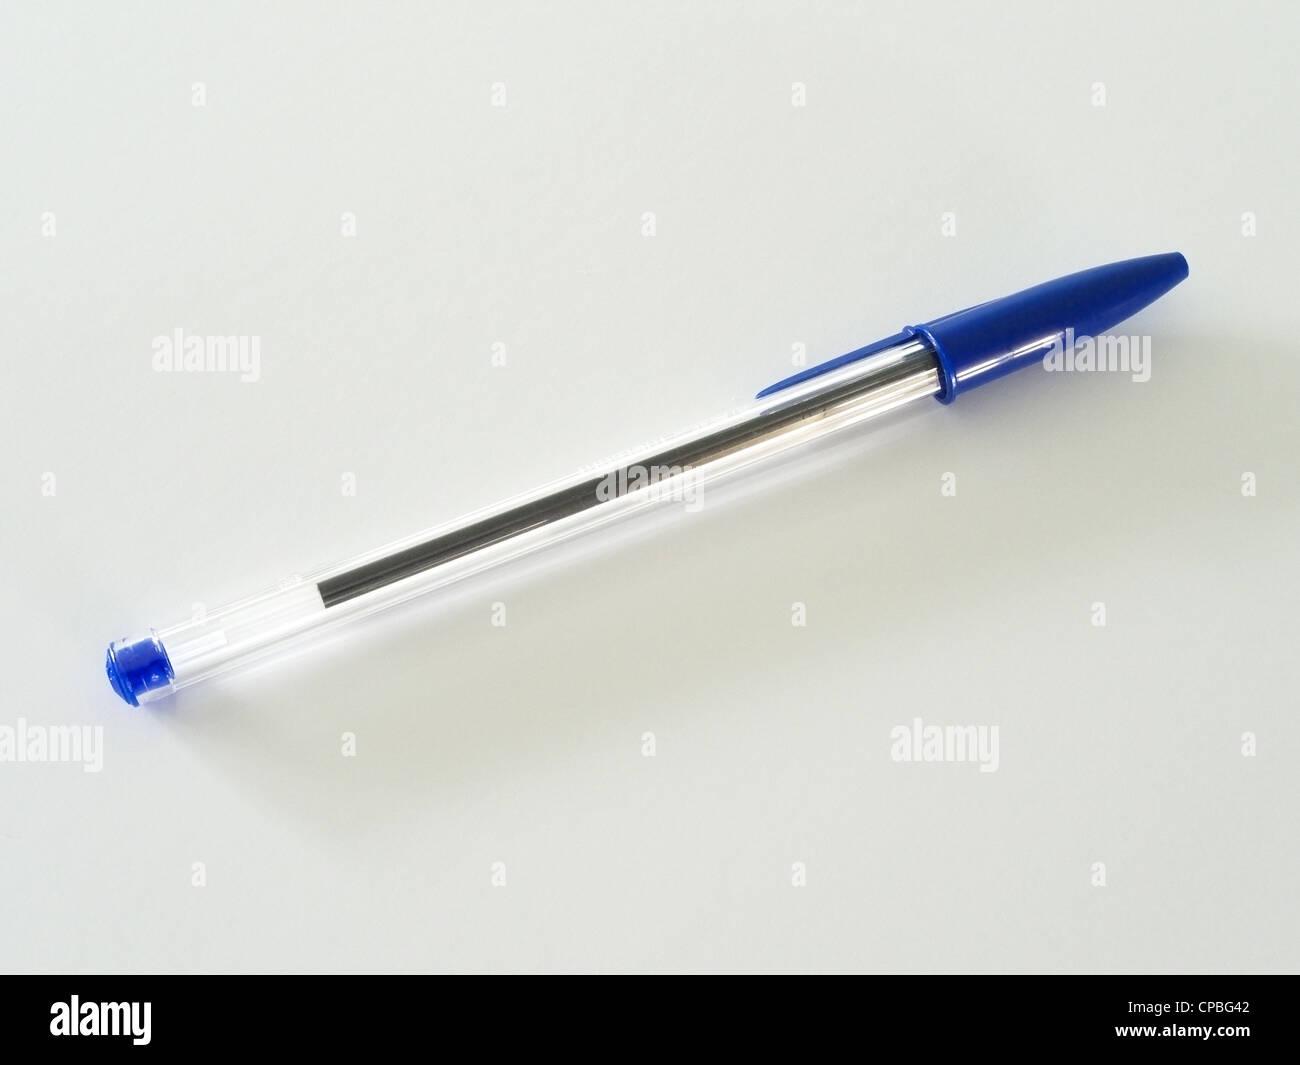 Eine blaue Crystal Bic Kugelschreiber auf weißem Hintergrund Stockbild